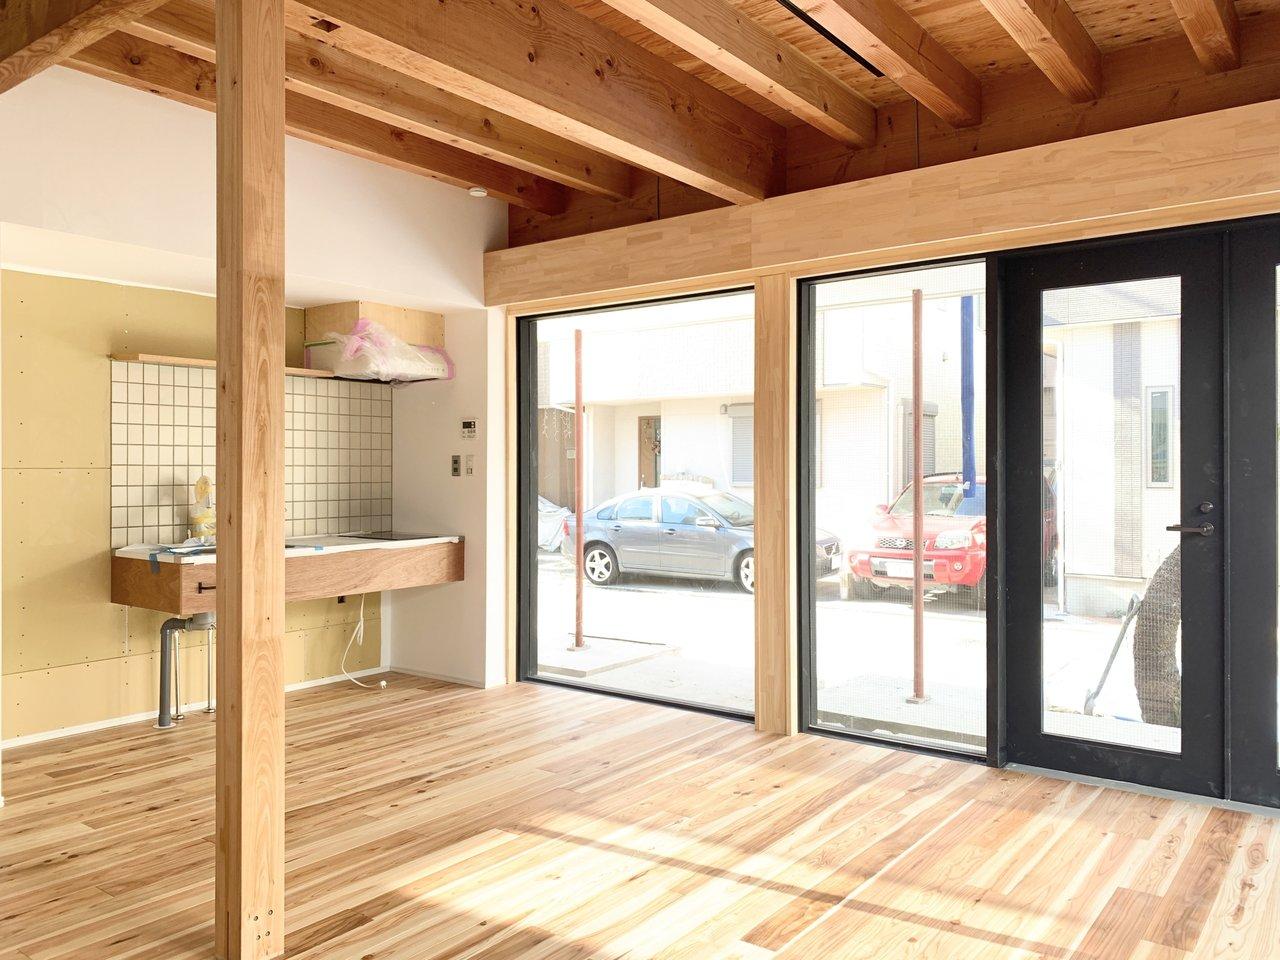 1階のLDKは14畳もあり、窓も大きく開放感がありますね。キッチンのタイルもかわいい。